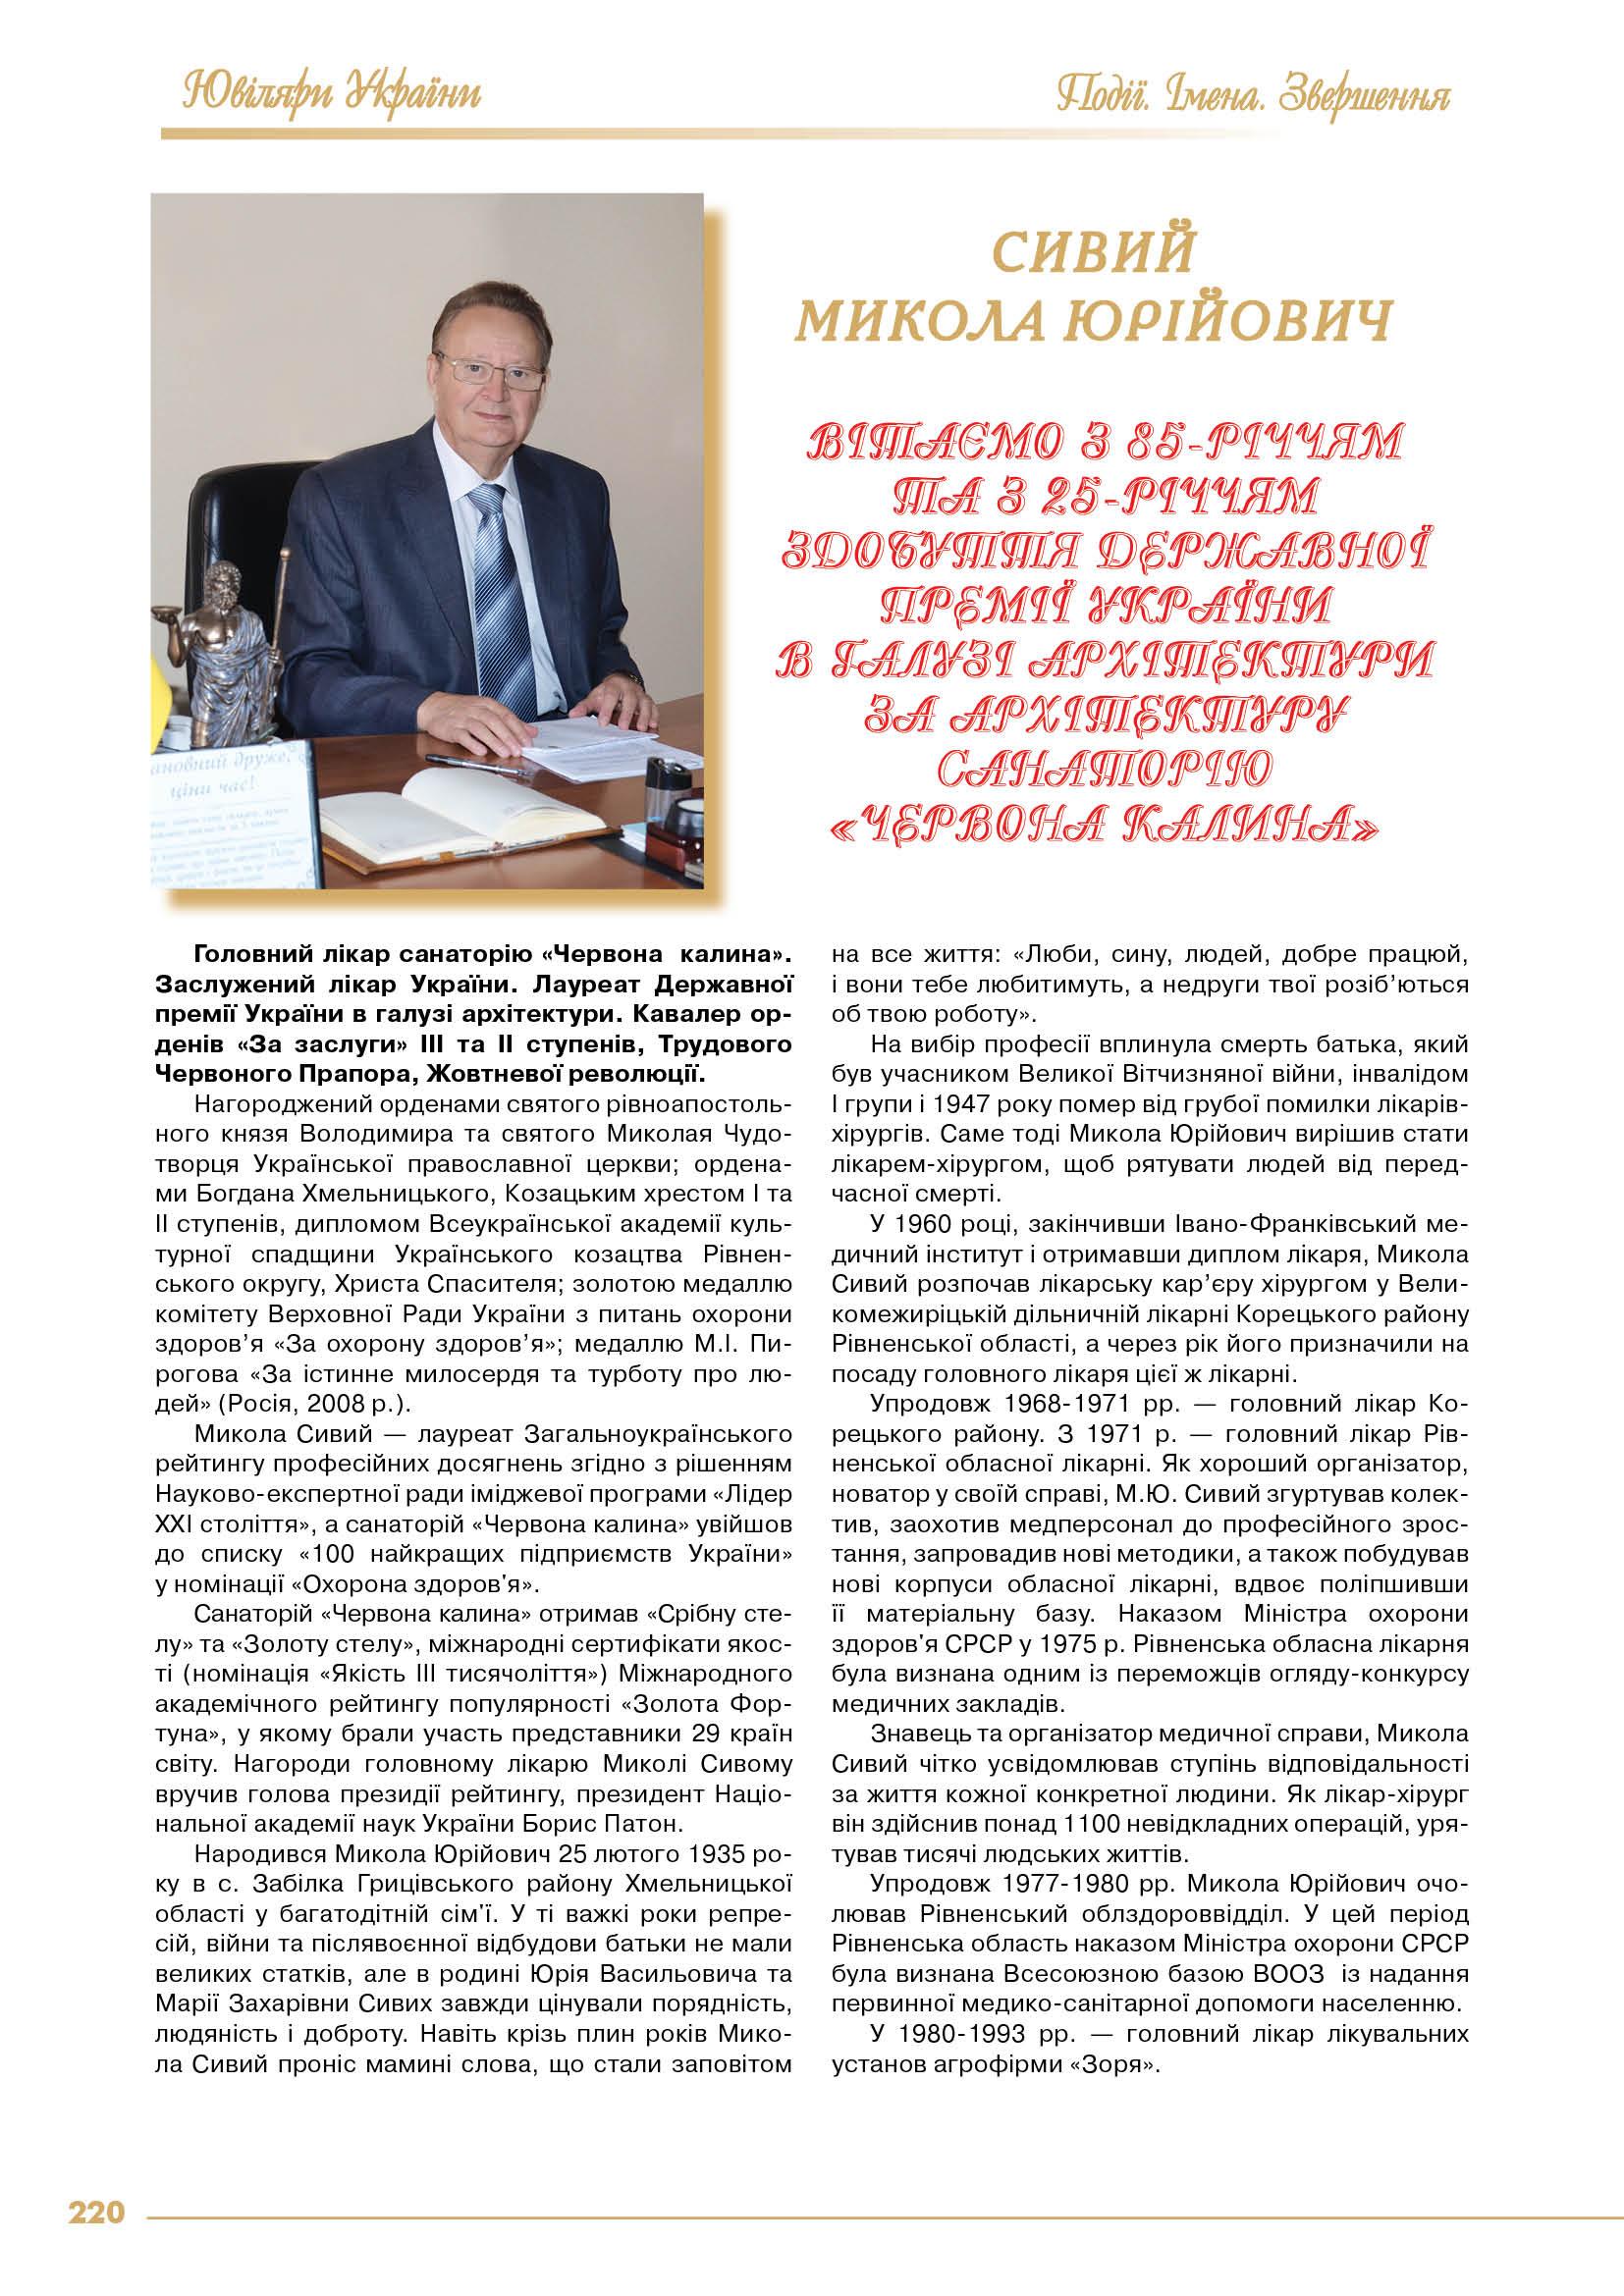 Сивий Микола Юрійович